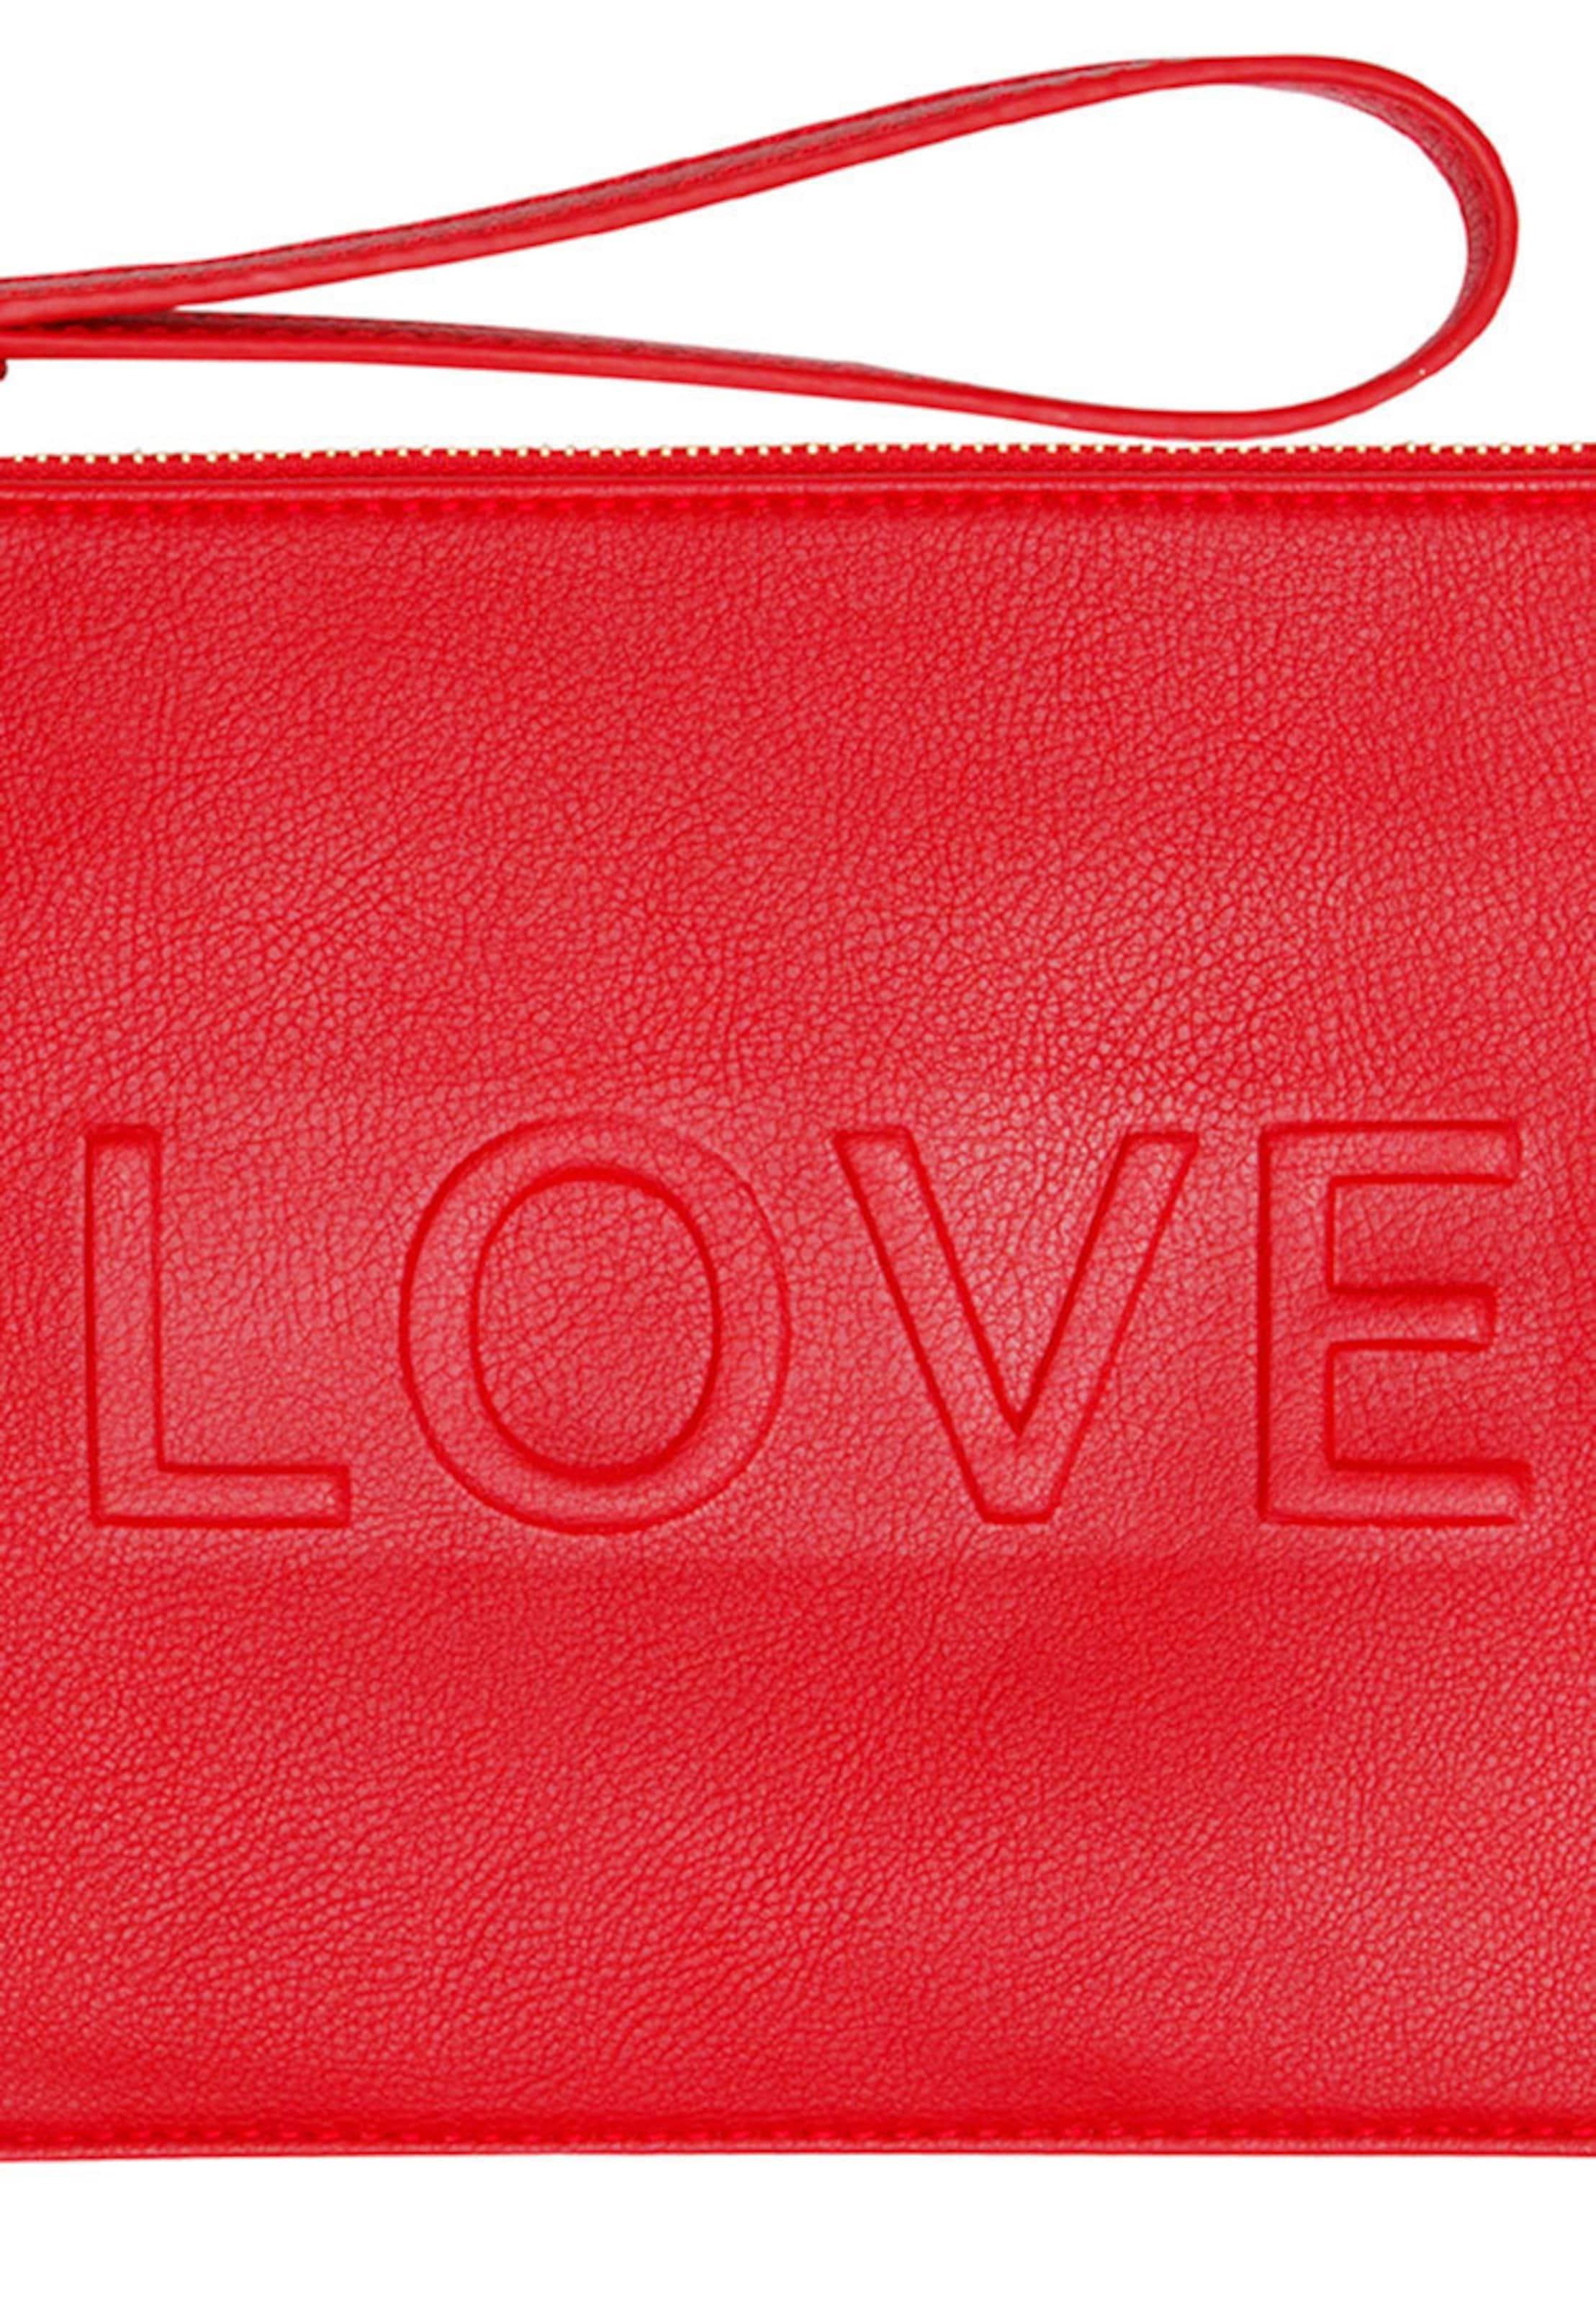 Erschwinglich Zu Verkaufen HALLHUBER Clutch mit LOVE-Statement Billig Verkauf Angebote Billig Verkauf Echten cGp0c